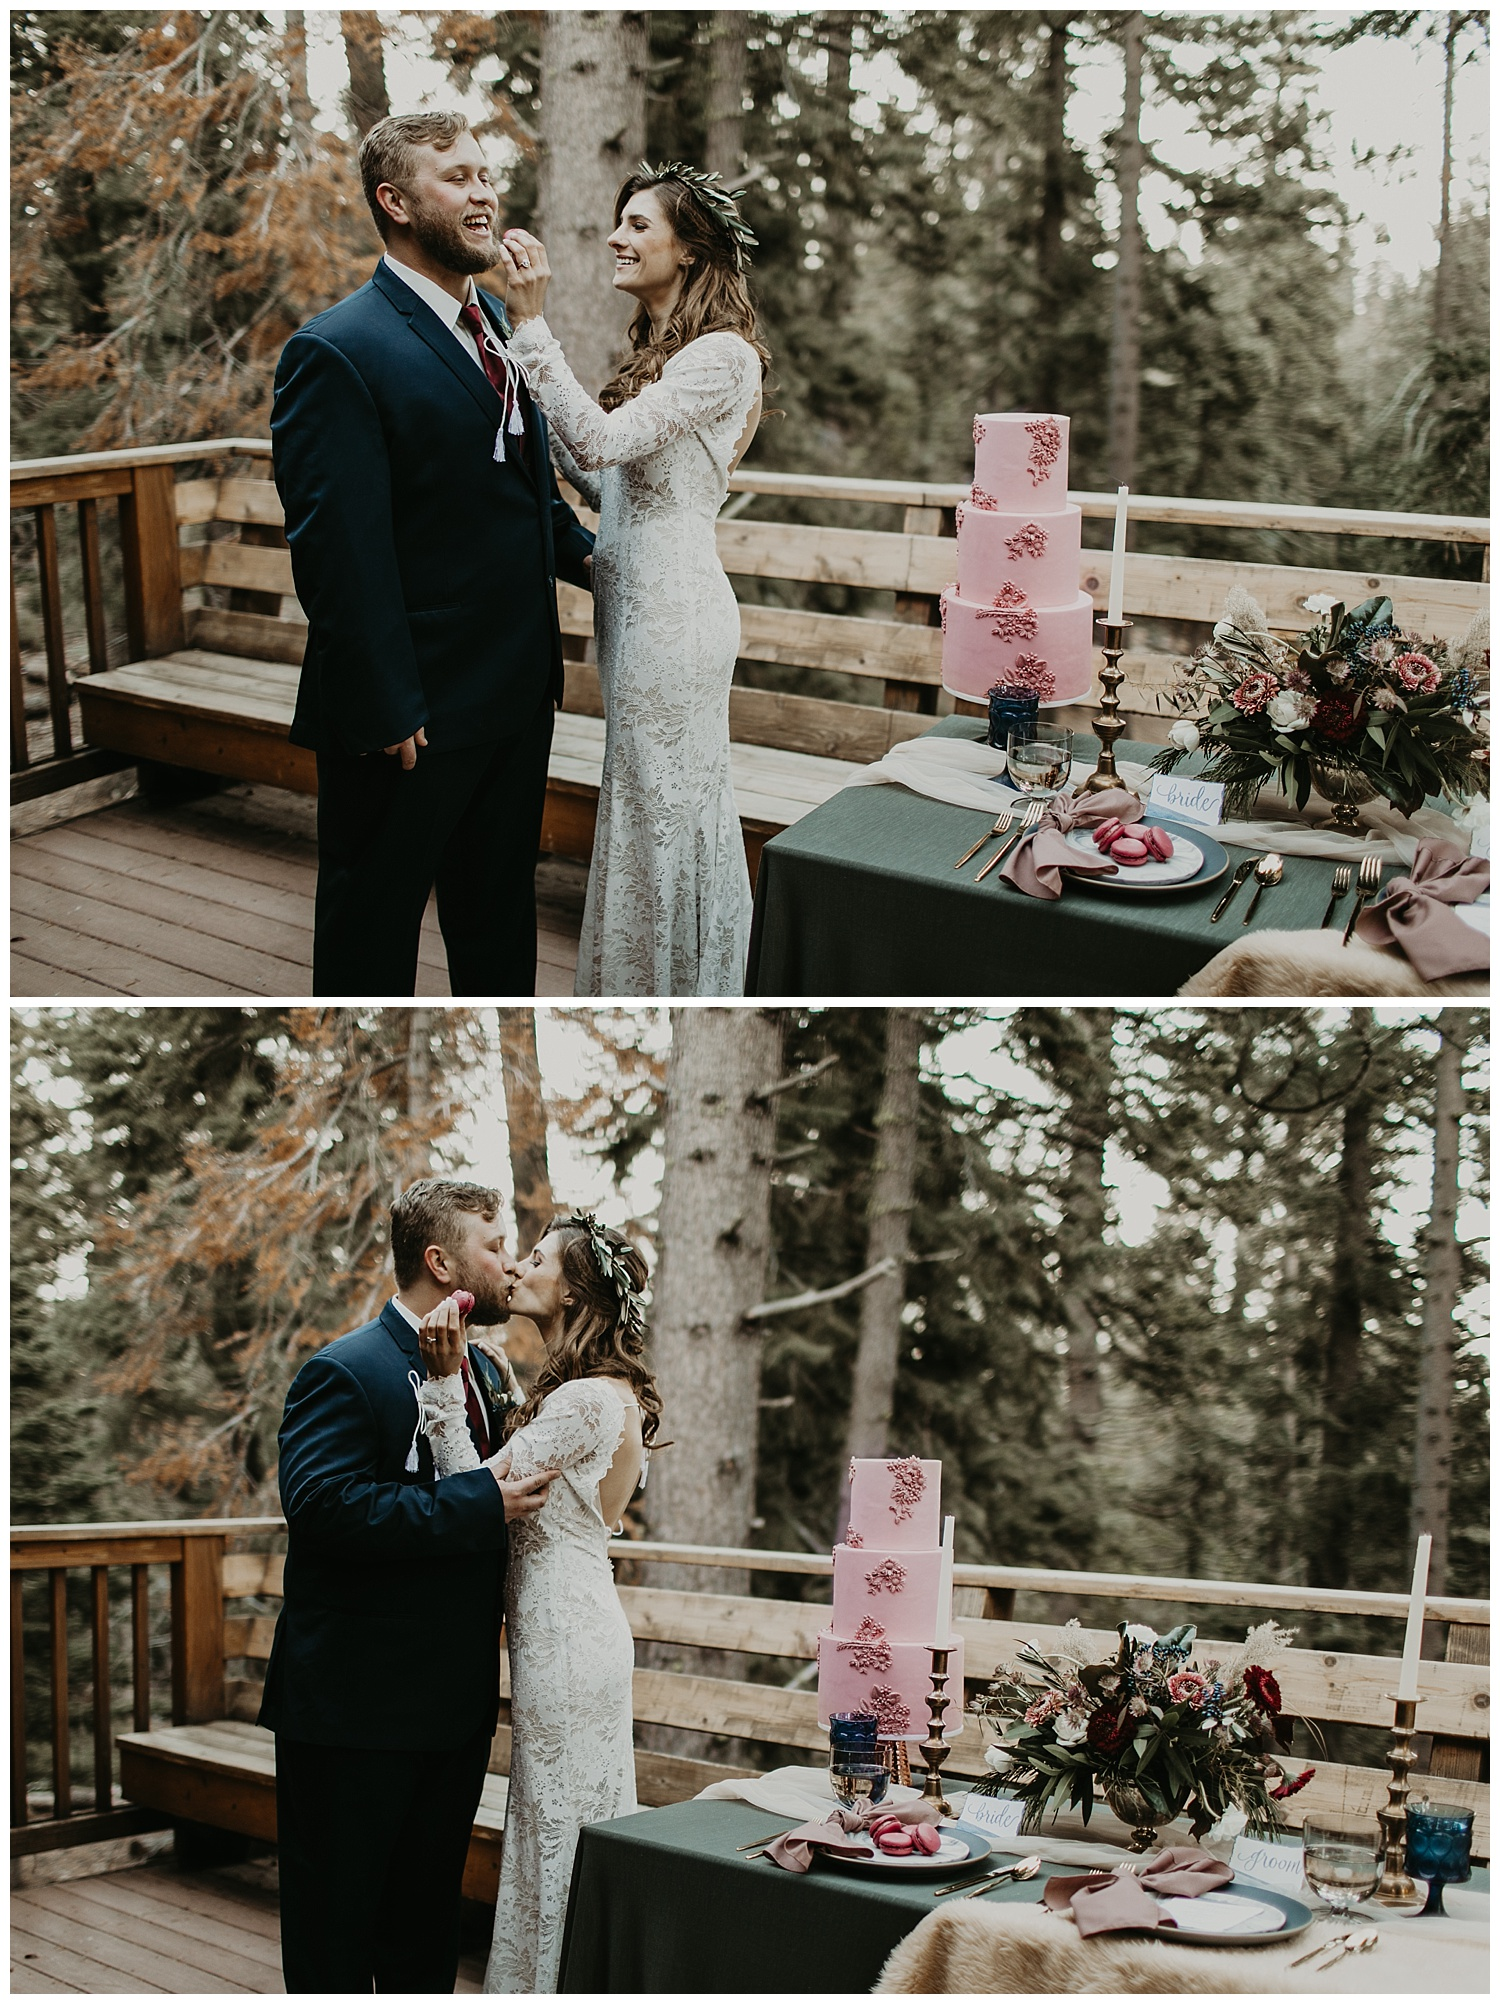 lake-tahoe-winter-wedding-cake-cutting-boho-wedding-cake.jpg